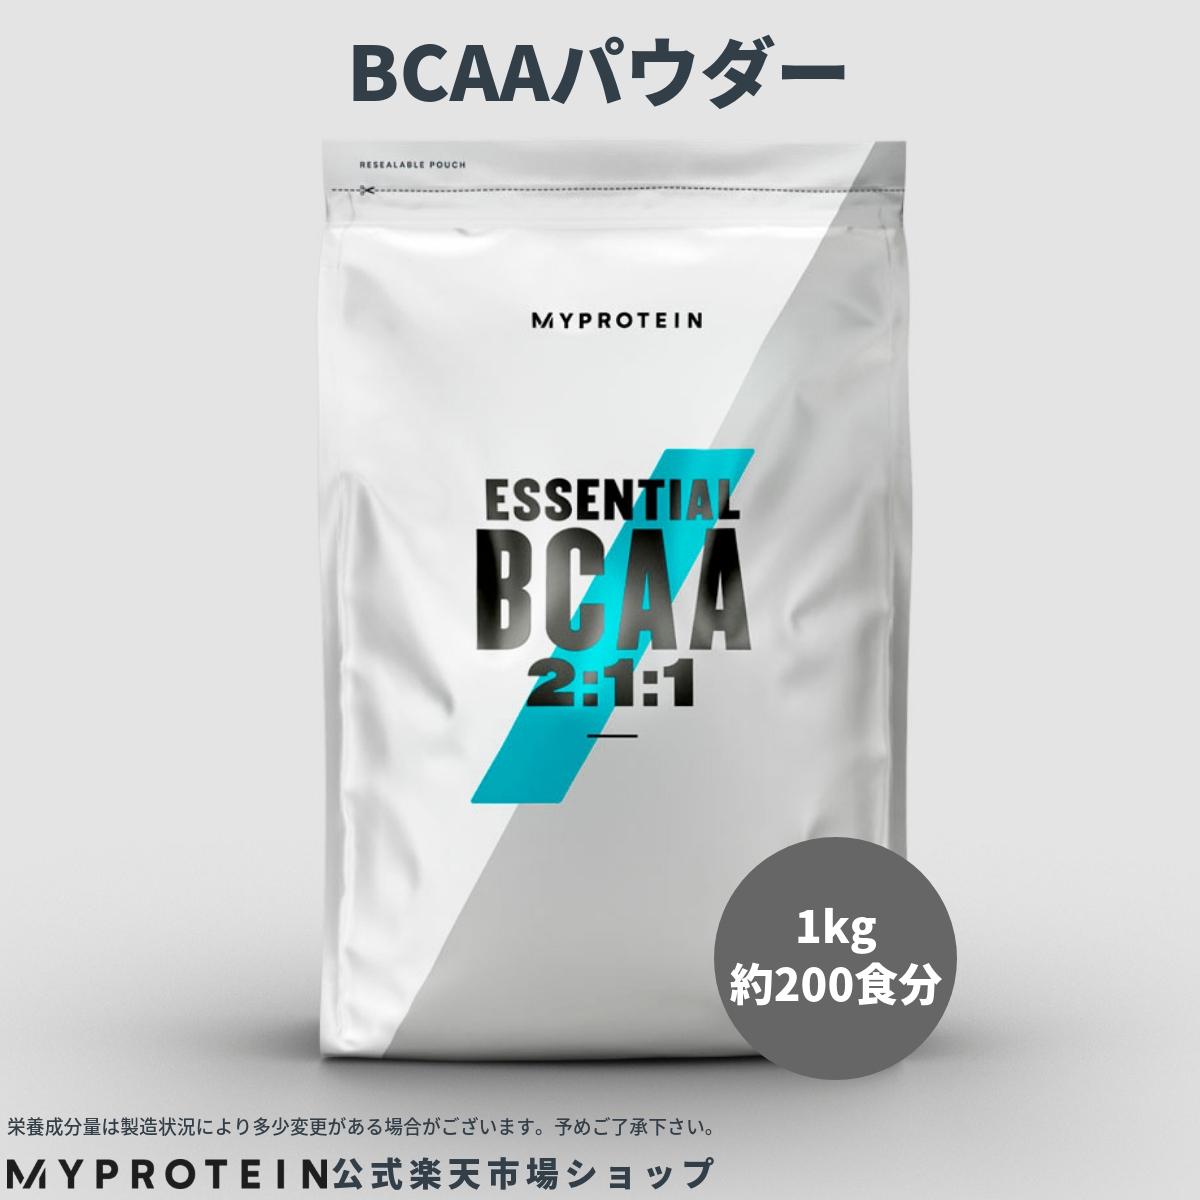 マイプロテイン 公式 【MyProtein】 BCAA 2:1:1 (分岐鎖アミノ酸) 1kg 約200食分| サプリメント サプリ パウダー EAA アミノ酸 バリン ロイシン スポーツサプリ ダイエットサプリ アルギニン カルニチン ピーチ ピーチマンゴー